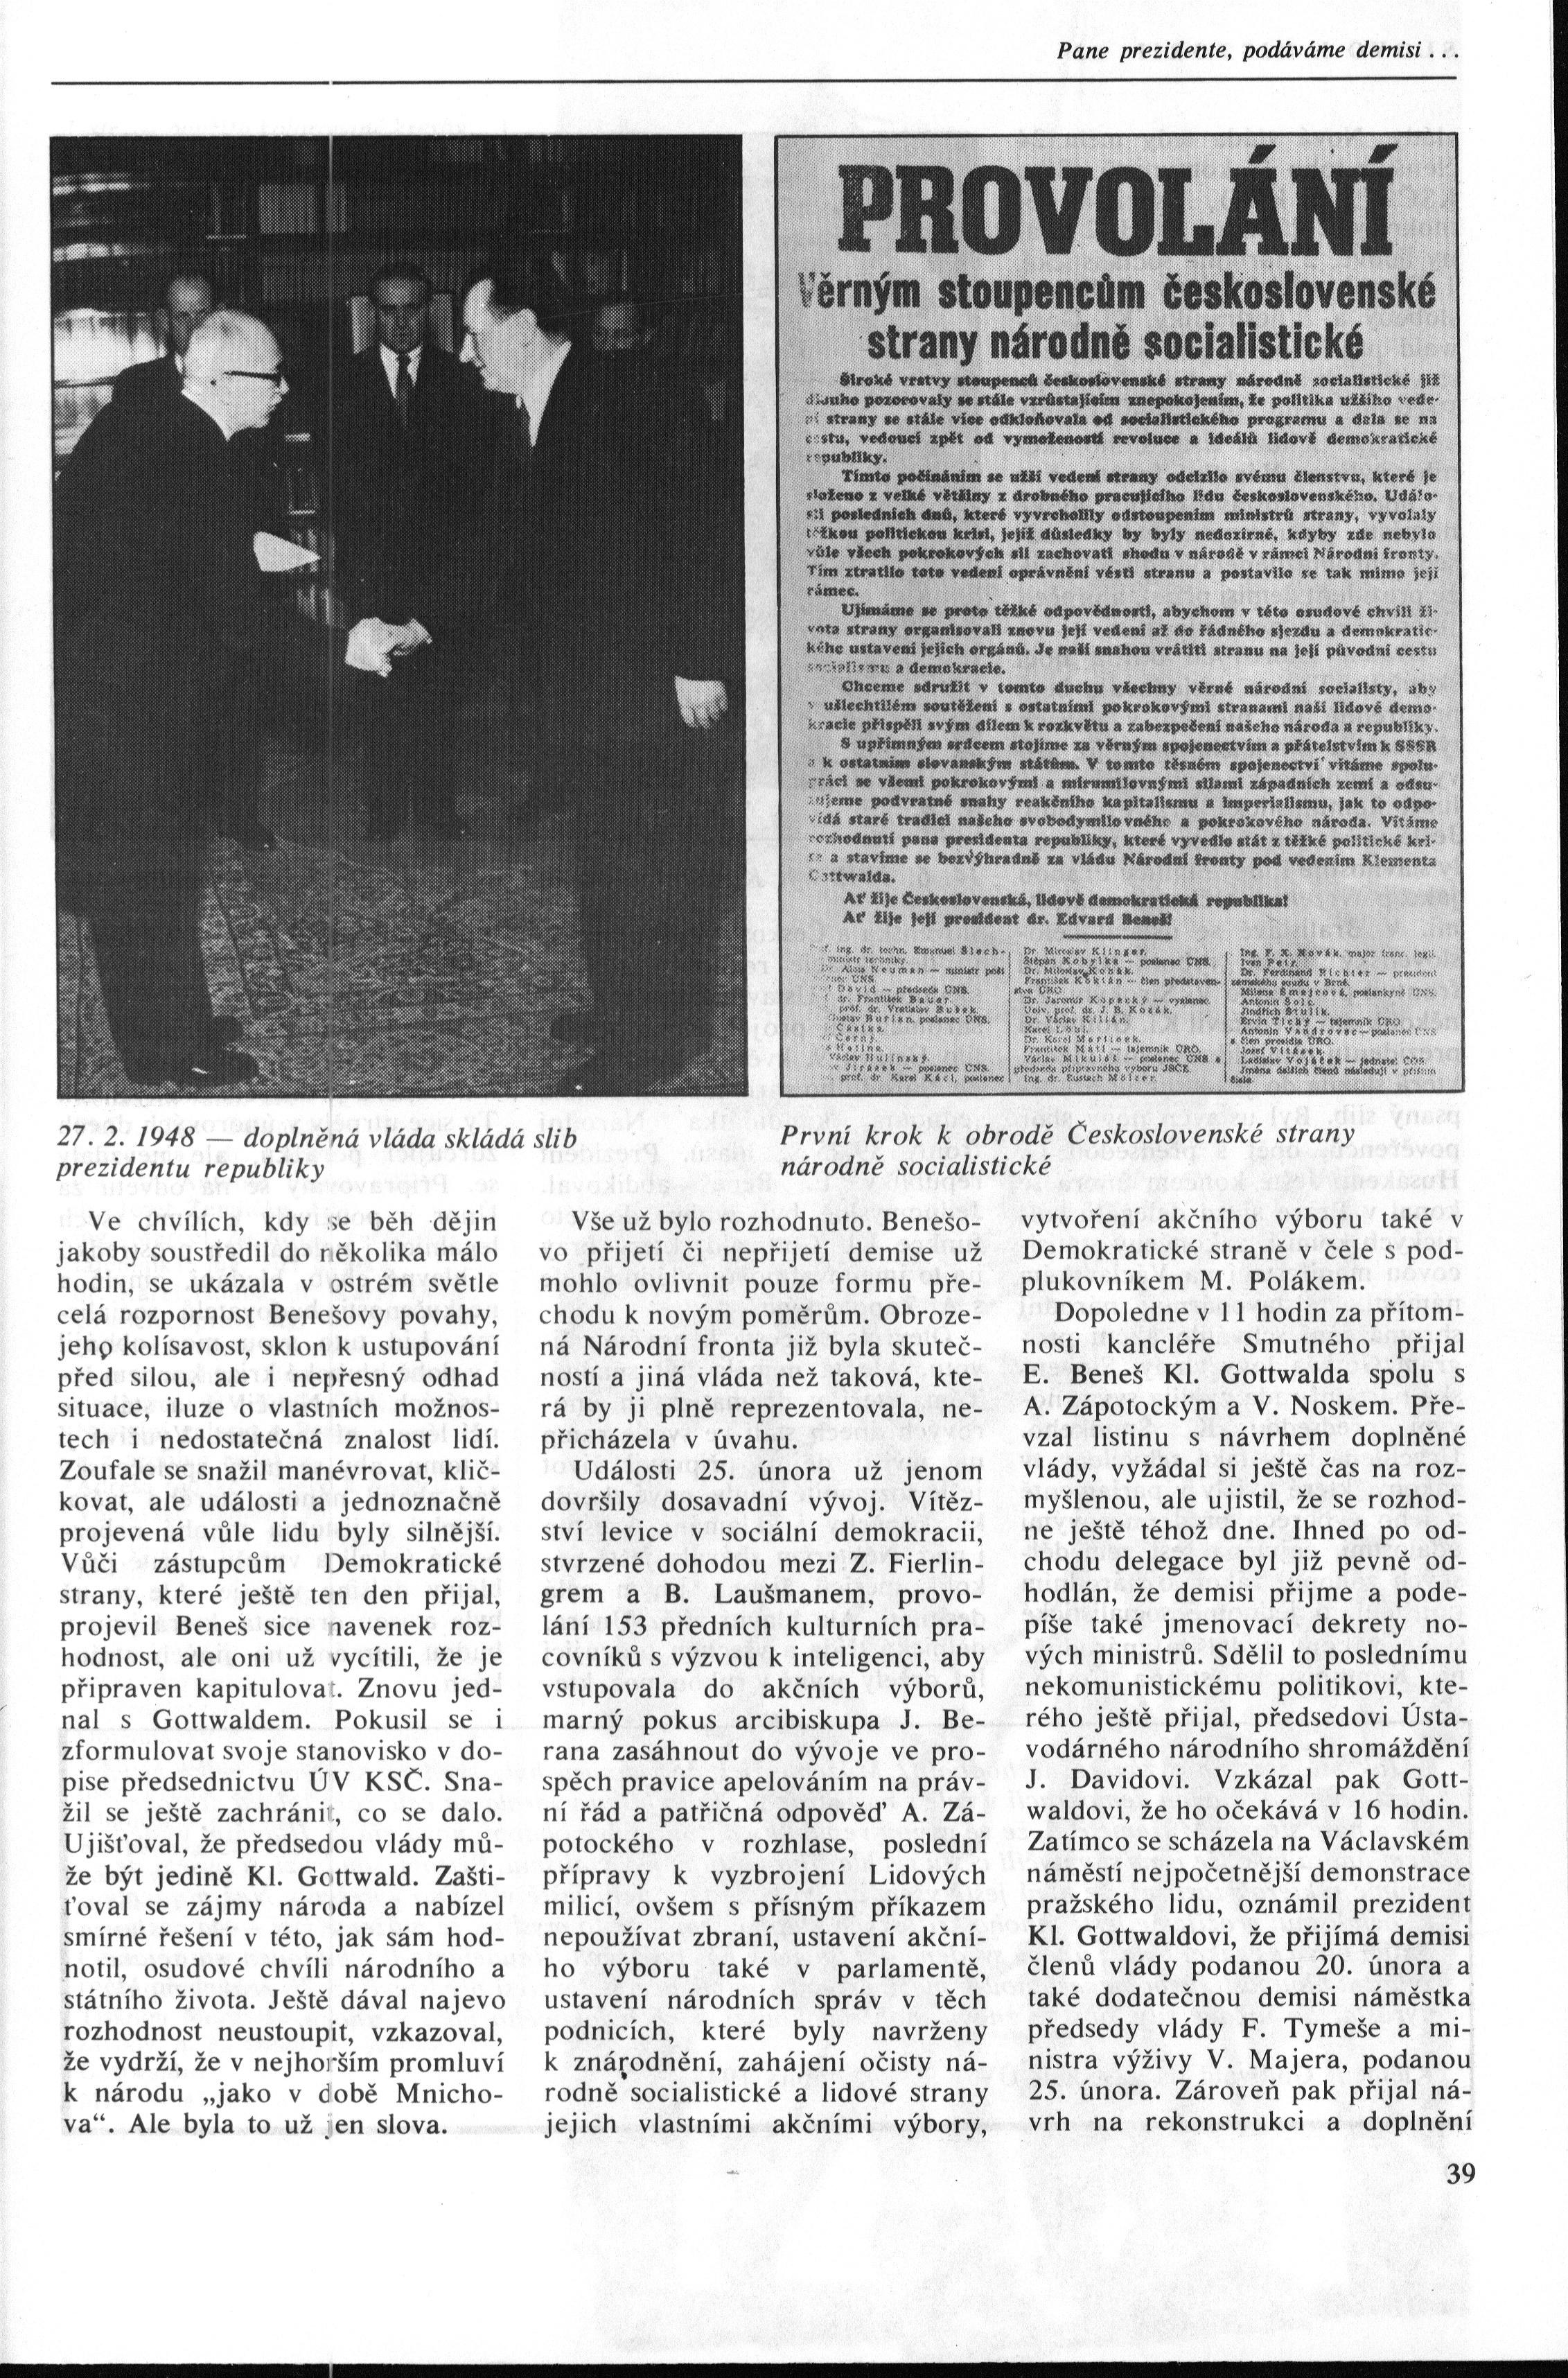 Slovo K Historii 12 1948, Seite 39